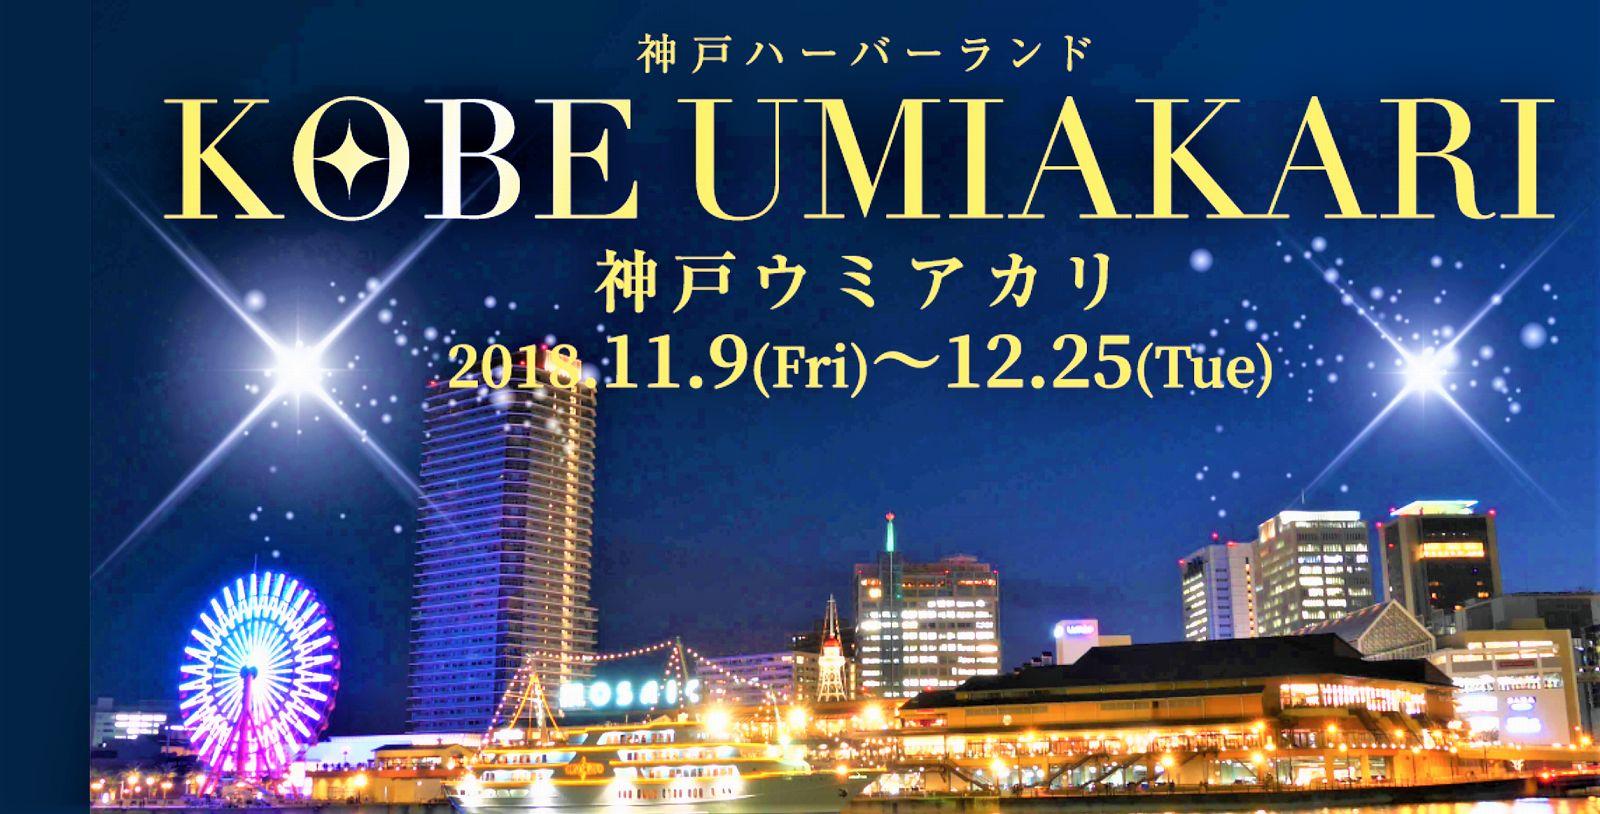 神戸ハーバーランドでイルミネーションイベント「KOBE UMIAKARI 神戸ウミアカリ」が12月25日まで開催中! #神戸ハーバーランド #神戸ウミアカリ #イルミネーション #神戸観光